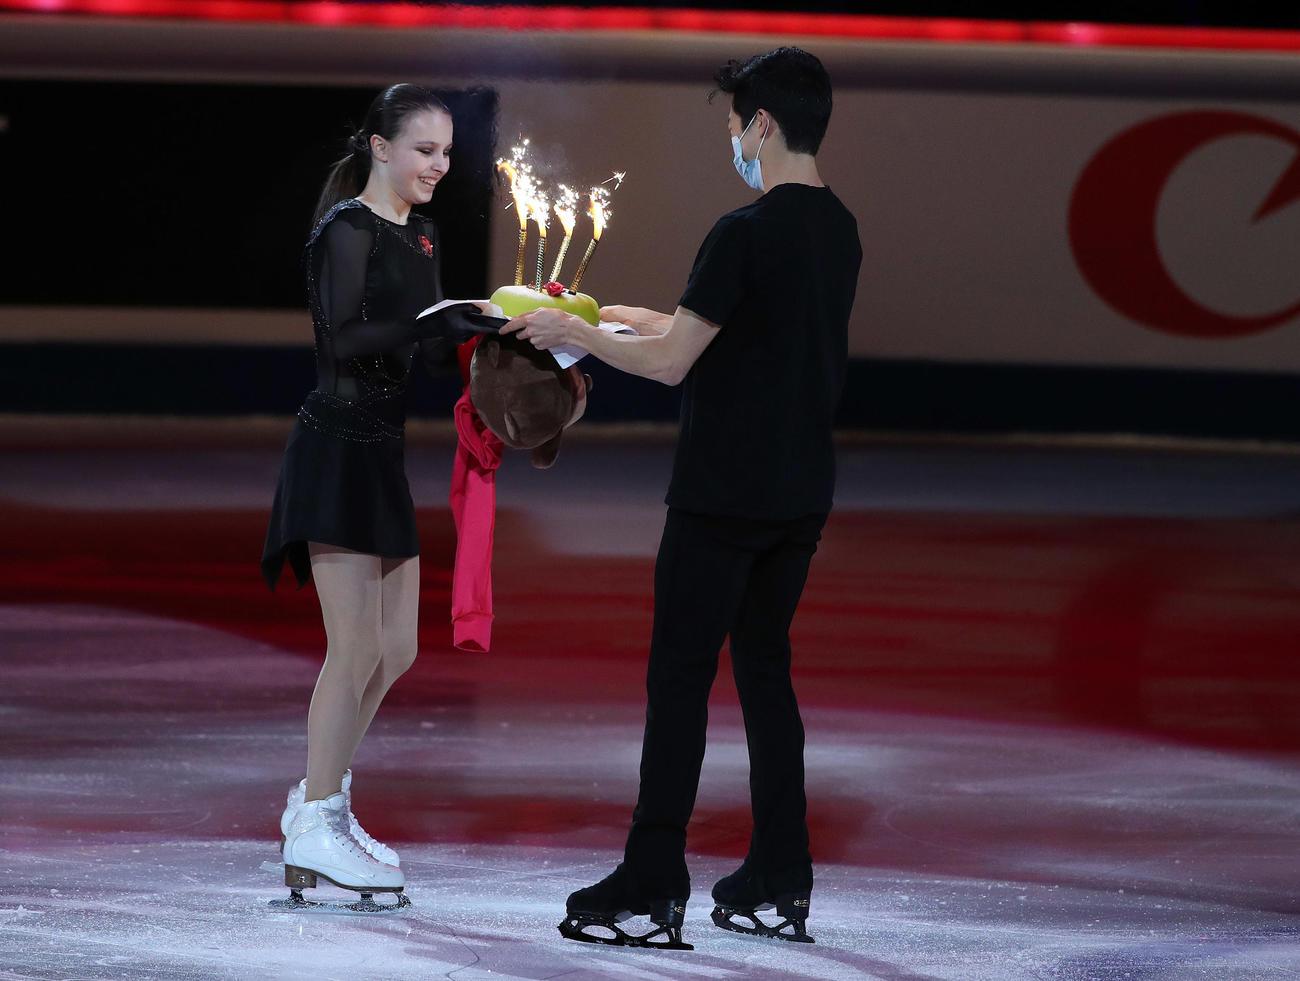 エキシビションでネーサン・チェン(右)からバースデーケーキを贈られるアンナ・シェルバコワ(撮影・PNP)